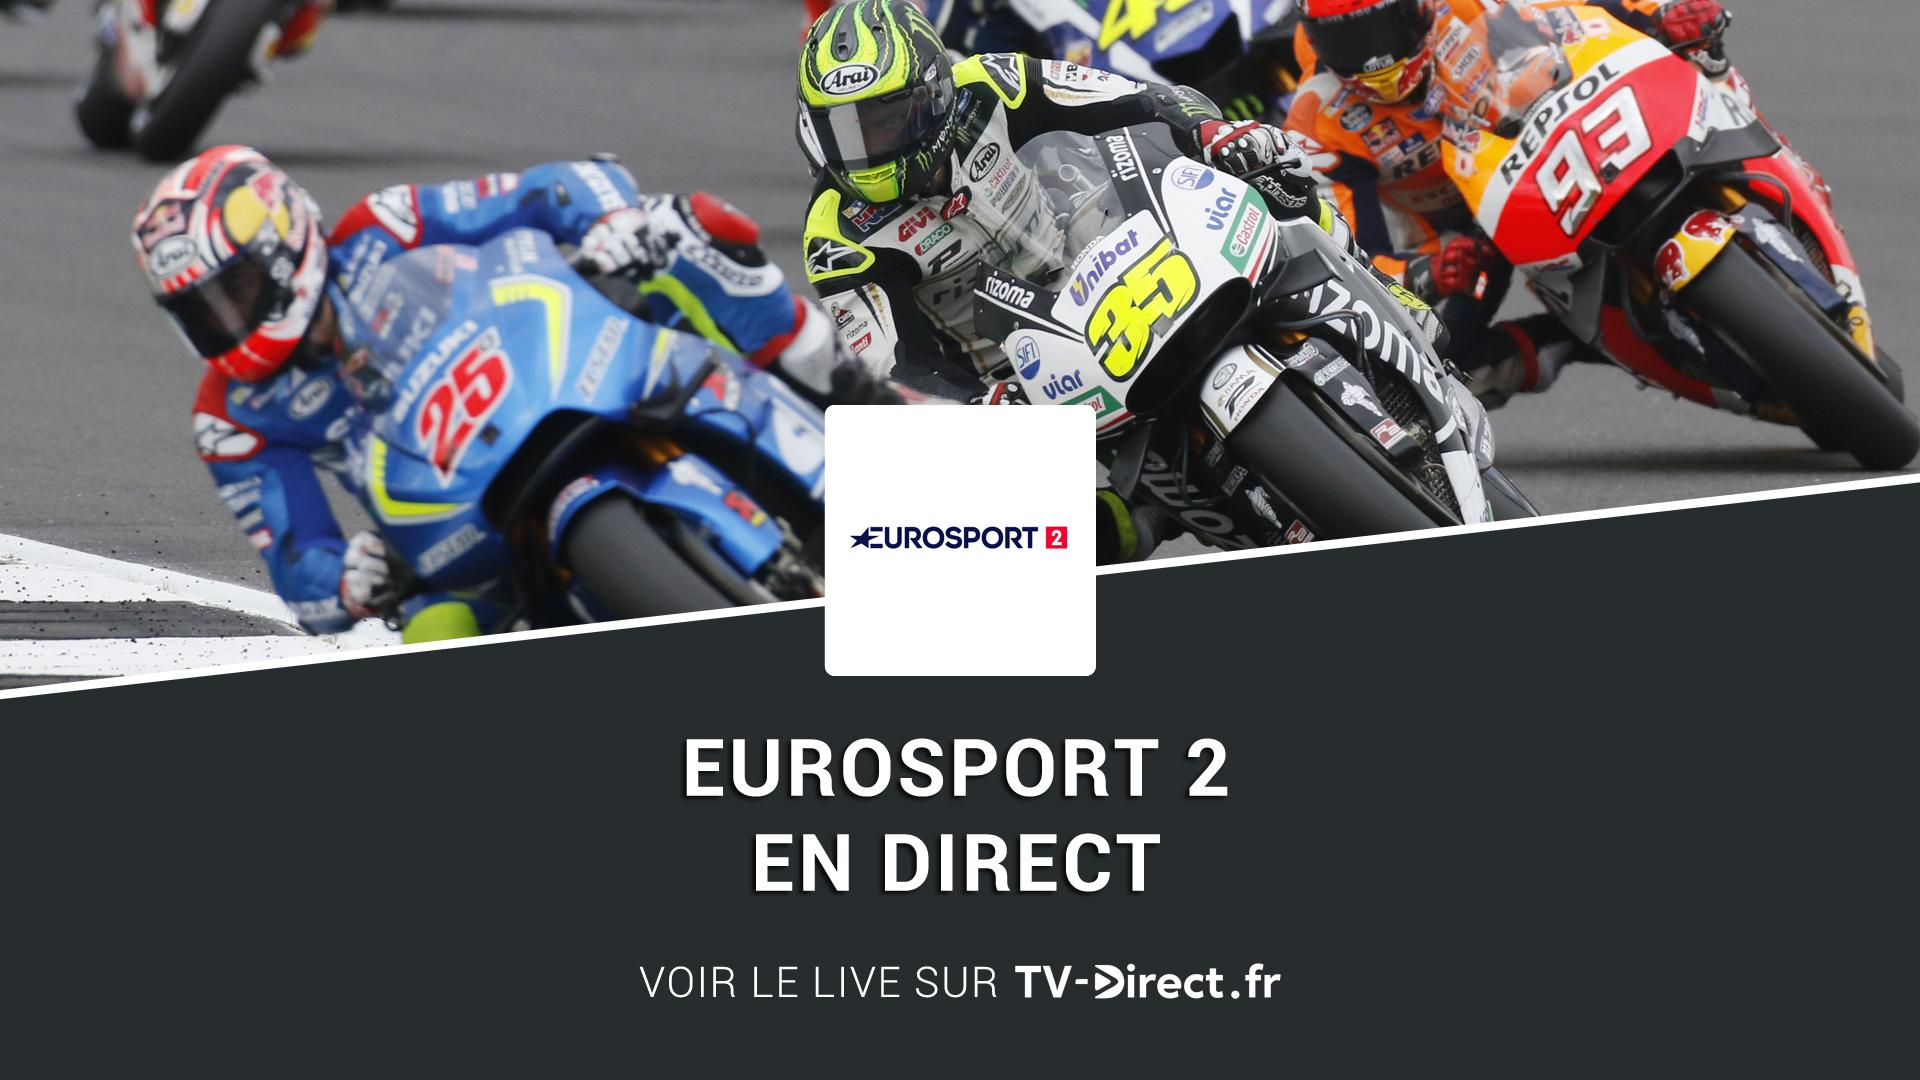 eurosport 2 direct regarder eurosport 2 en direct live sur internet. Black Bedroom Furniture Sets. Home Design Ideas